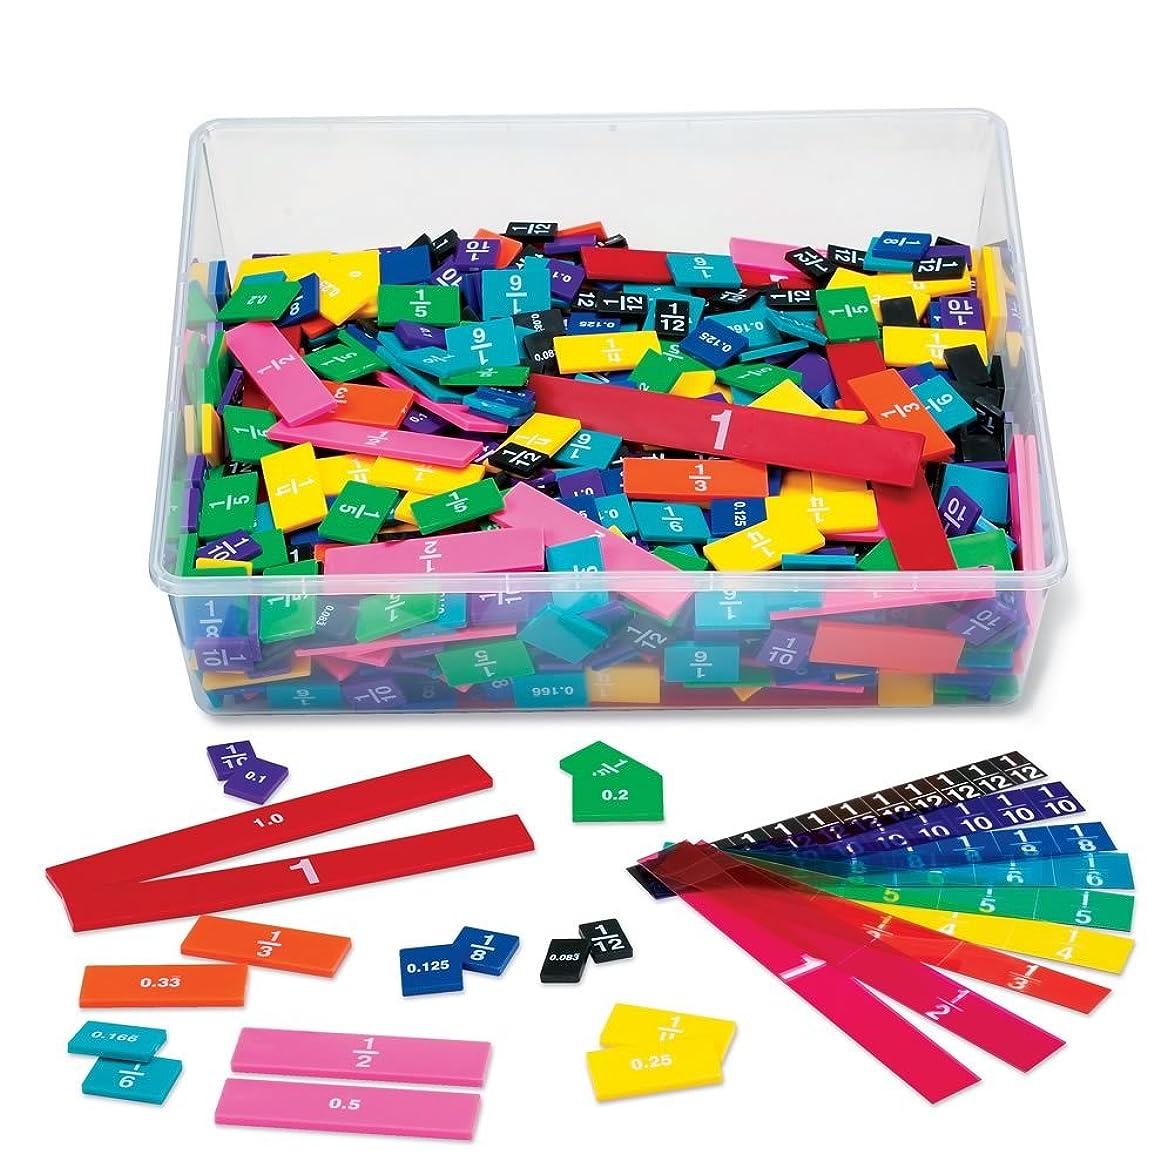 ETA hand2mindプラスチックレインボー分数と小数タイルバルク教室キットwithストレージトート(15個パック)